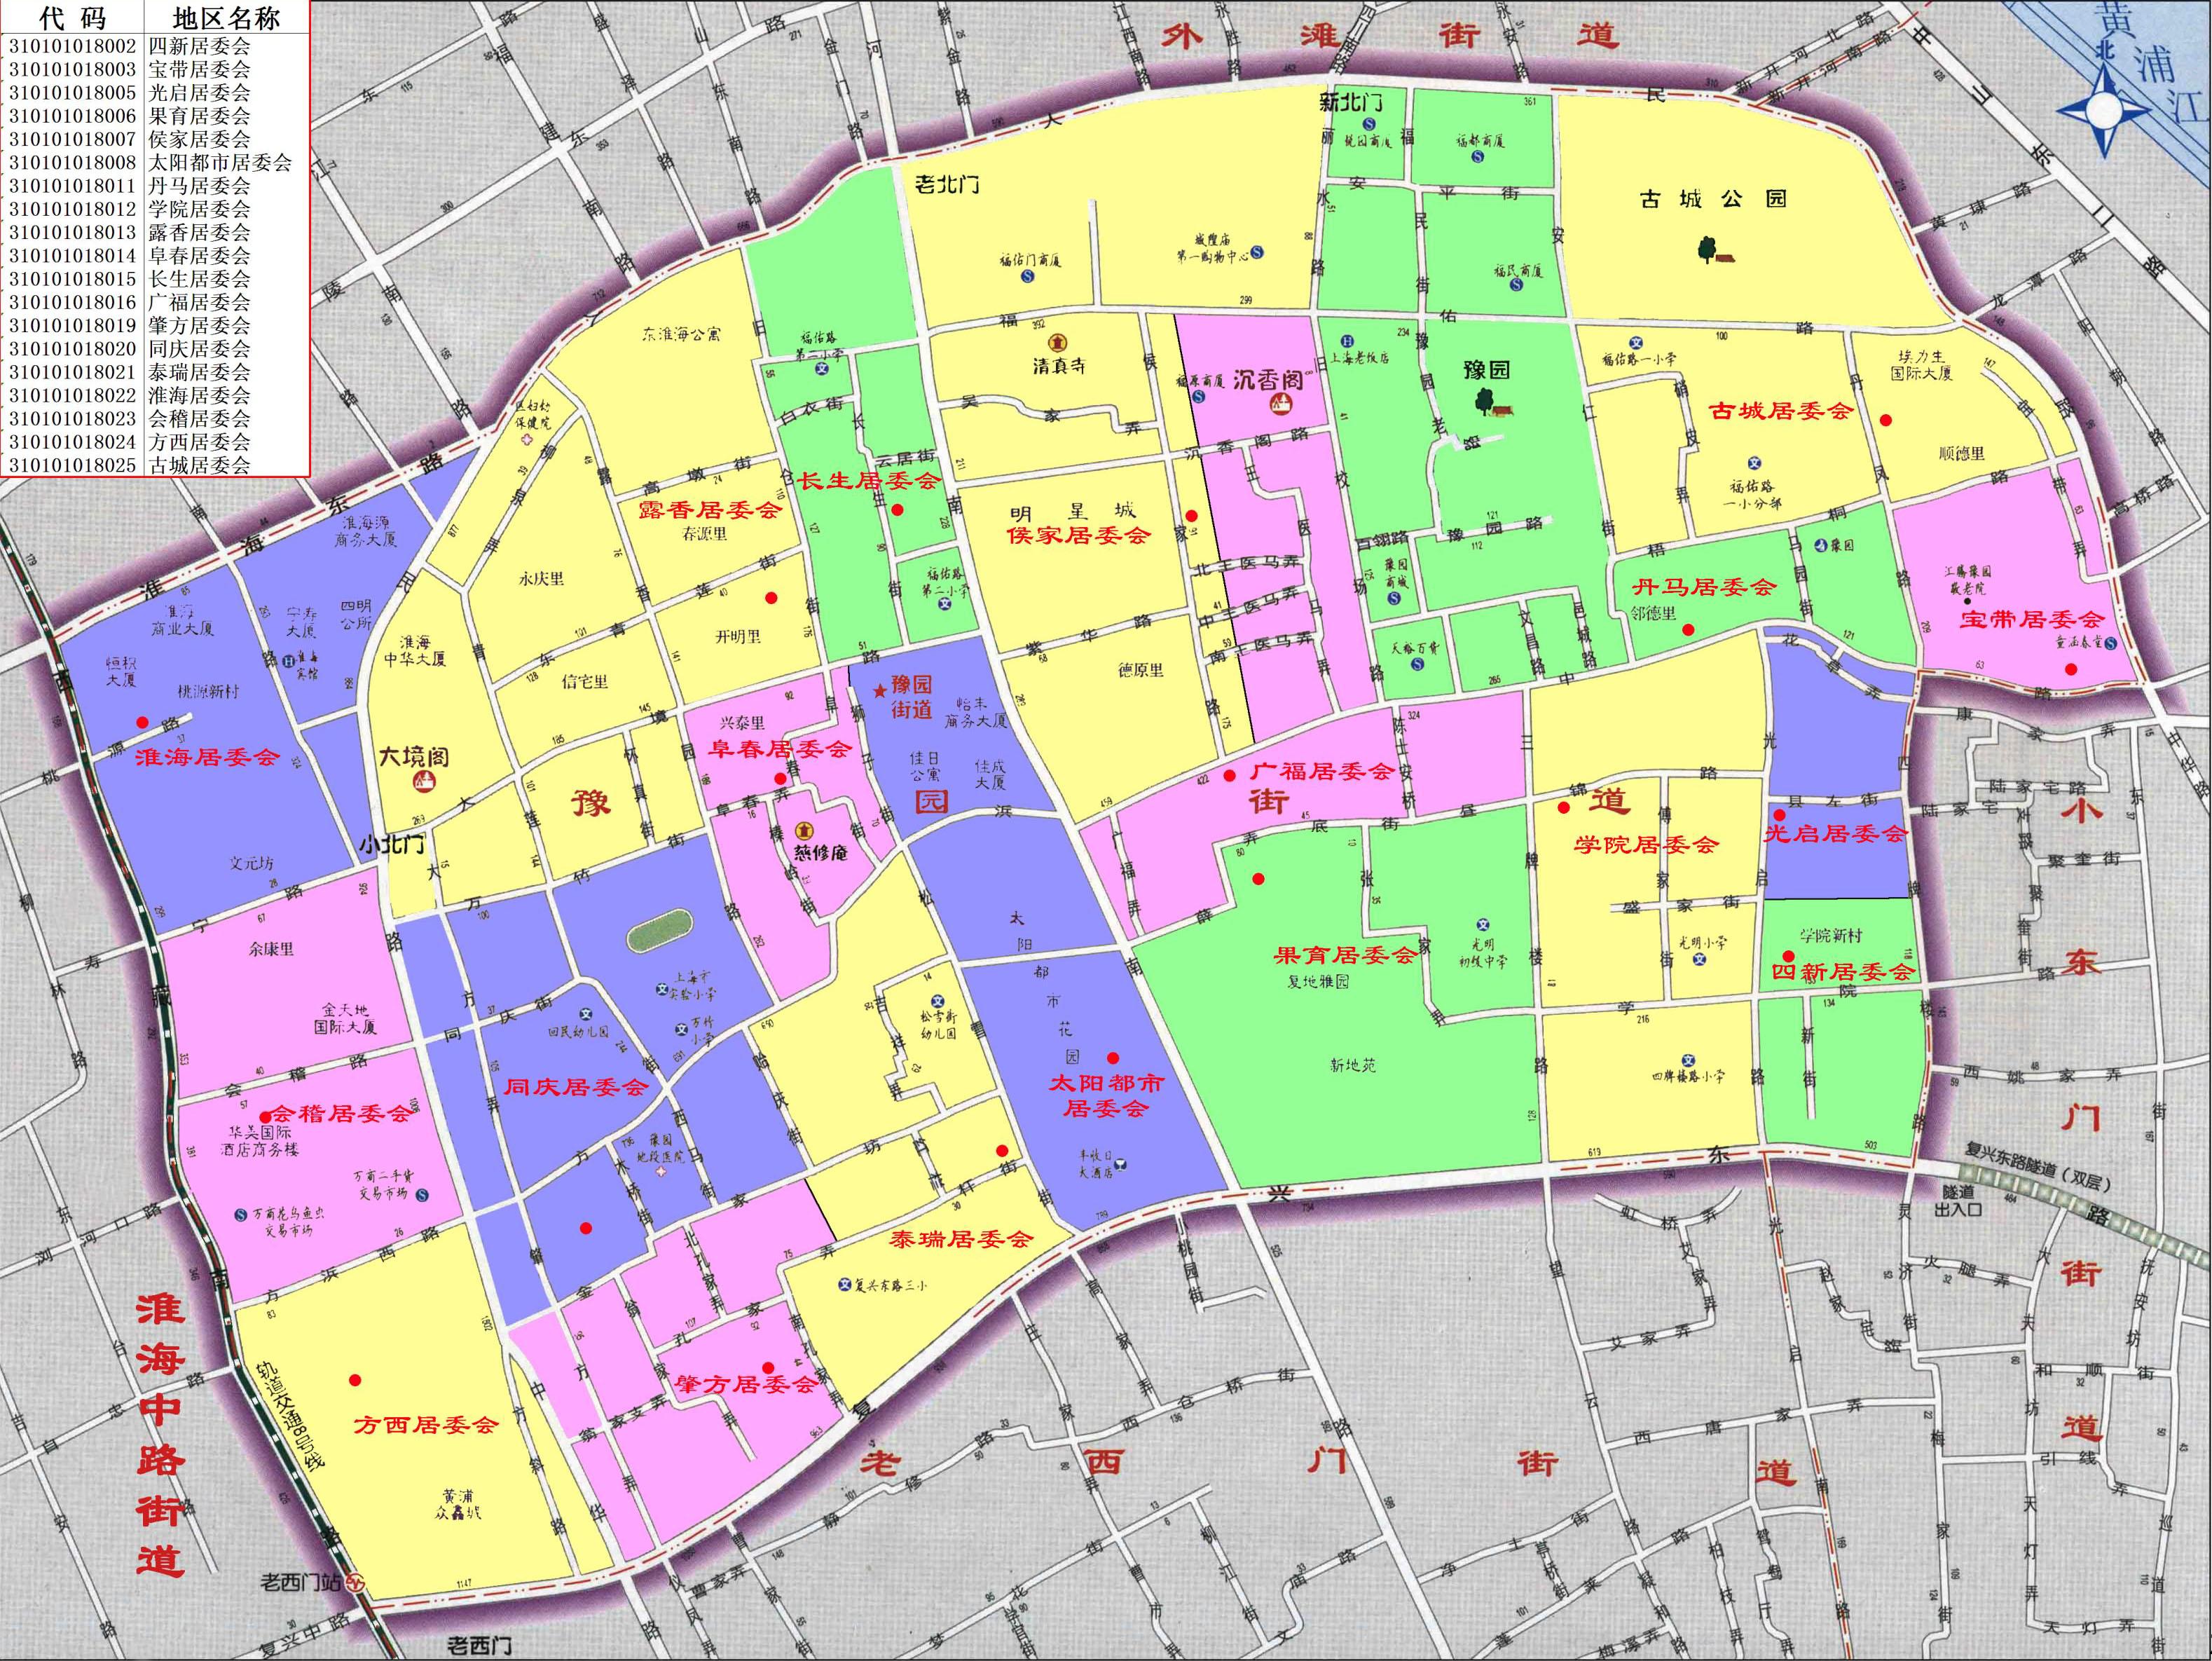 黄浦区豫园街道地图